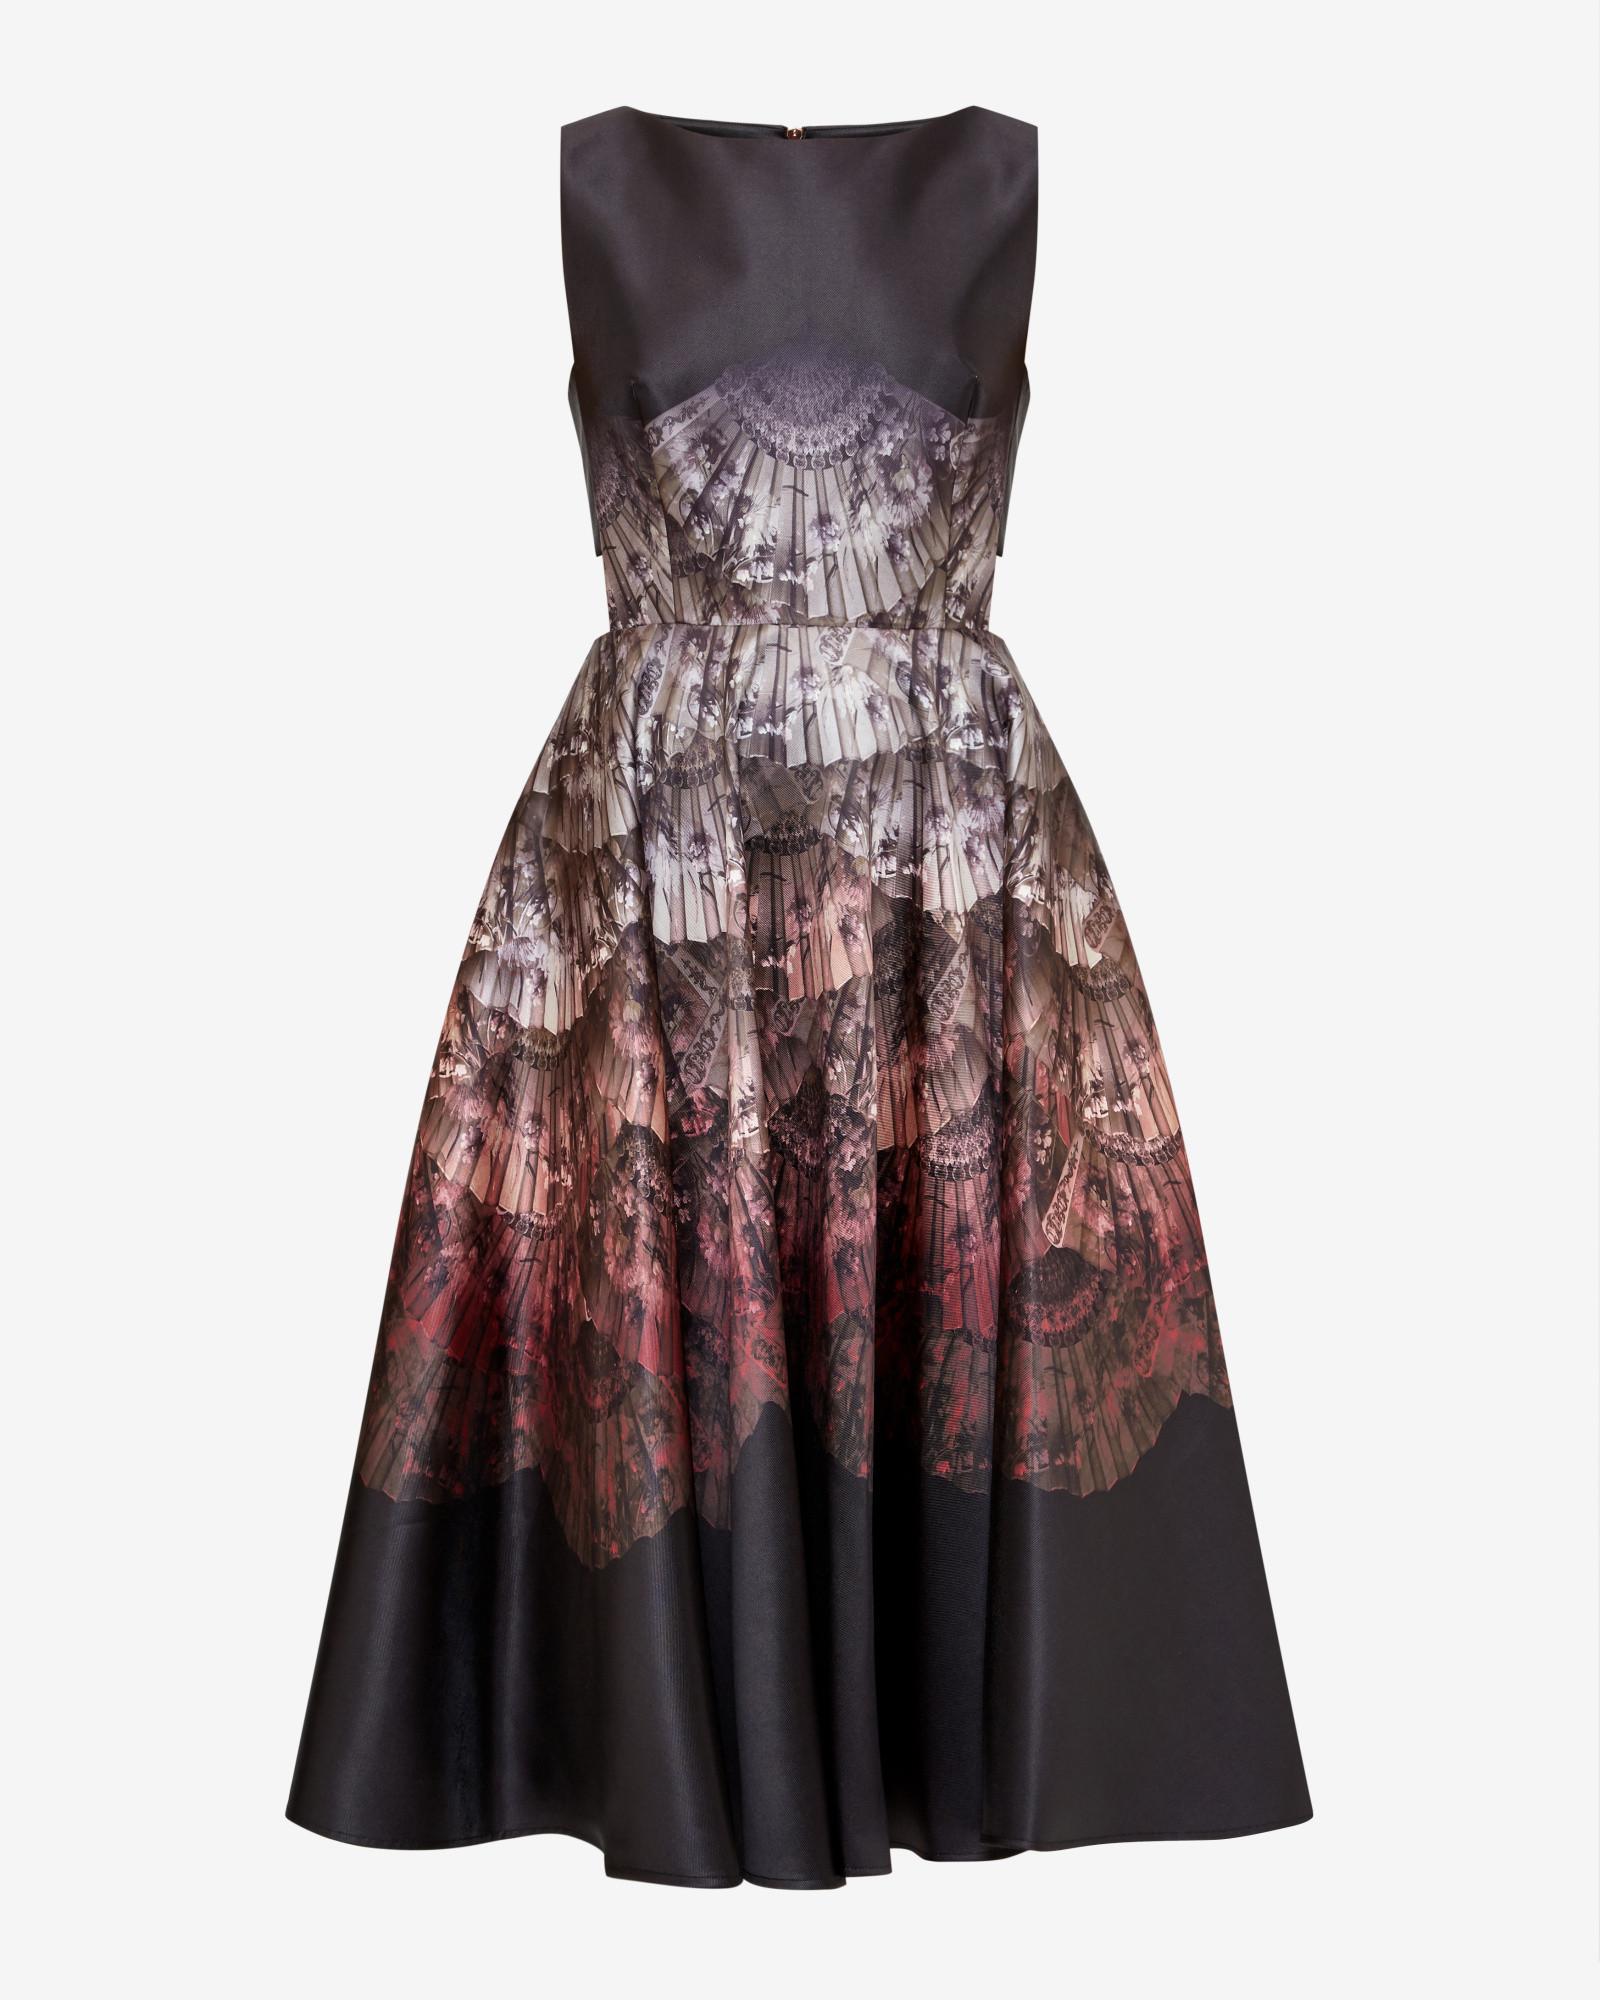 Lyst - Ted Baker Fan Ombré Cut-out Dress in Black